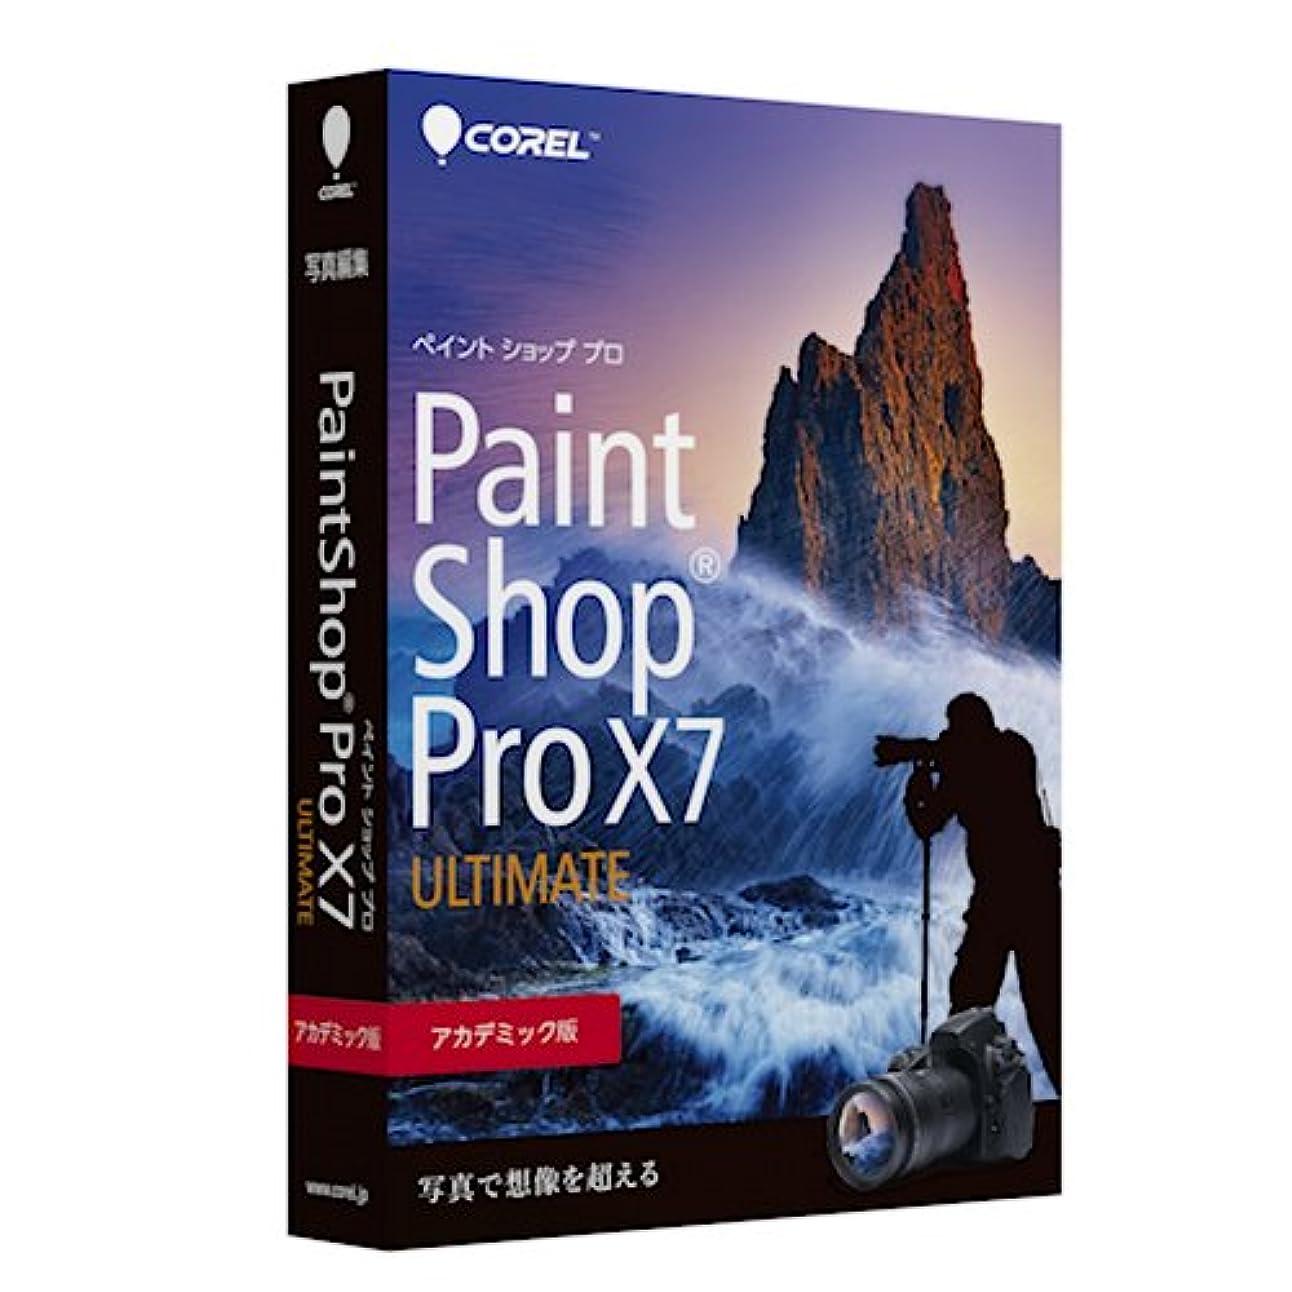 ヒープ雑草頬Corel PaintShop Pro X7 Ultimate アカデミック版